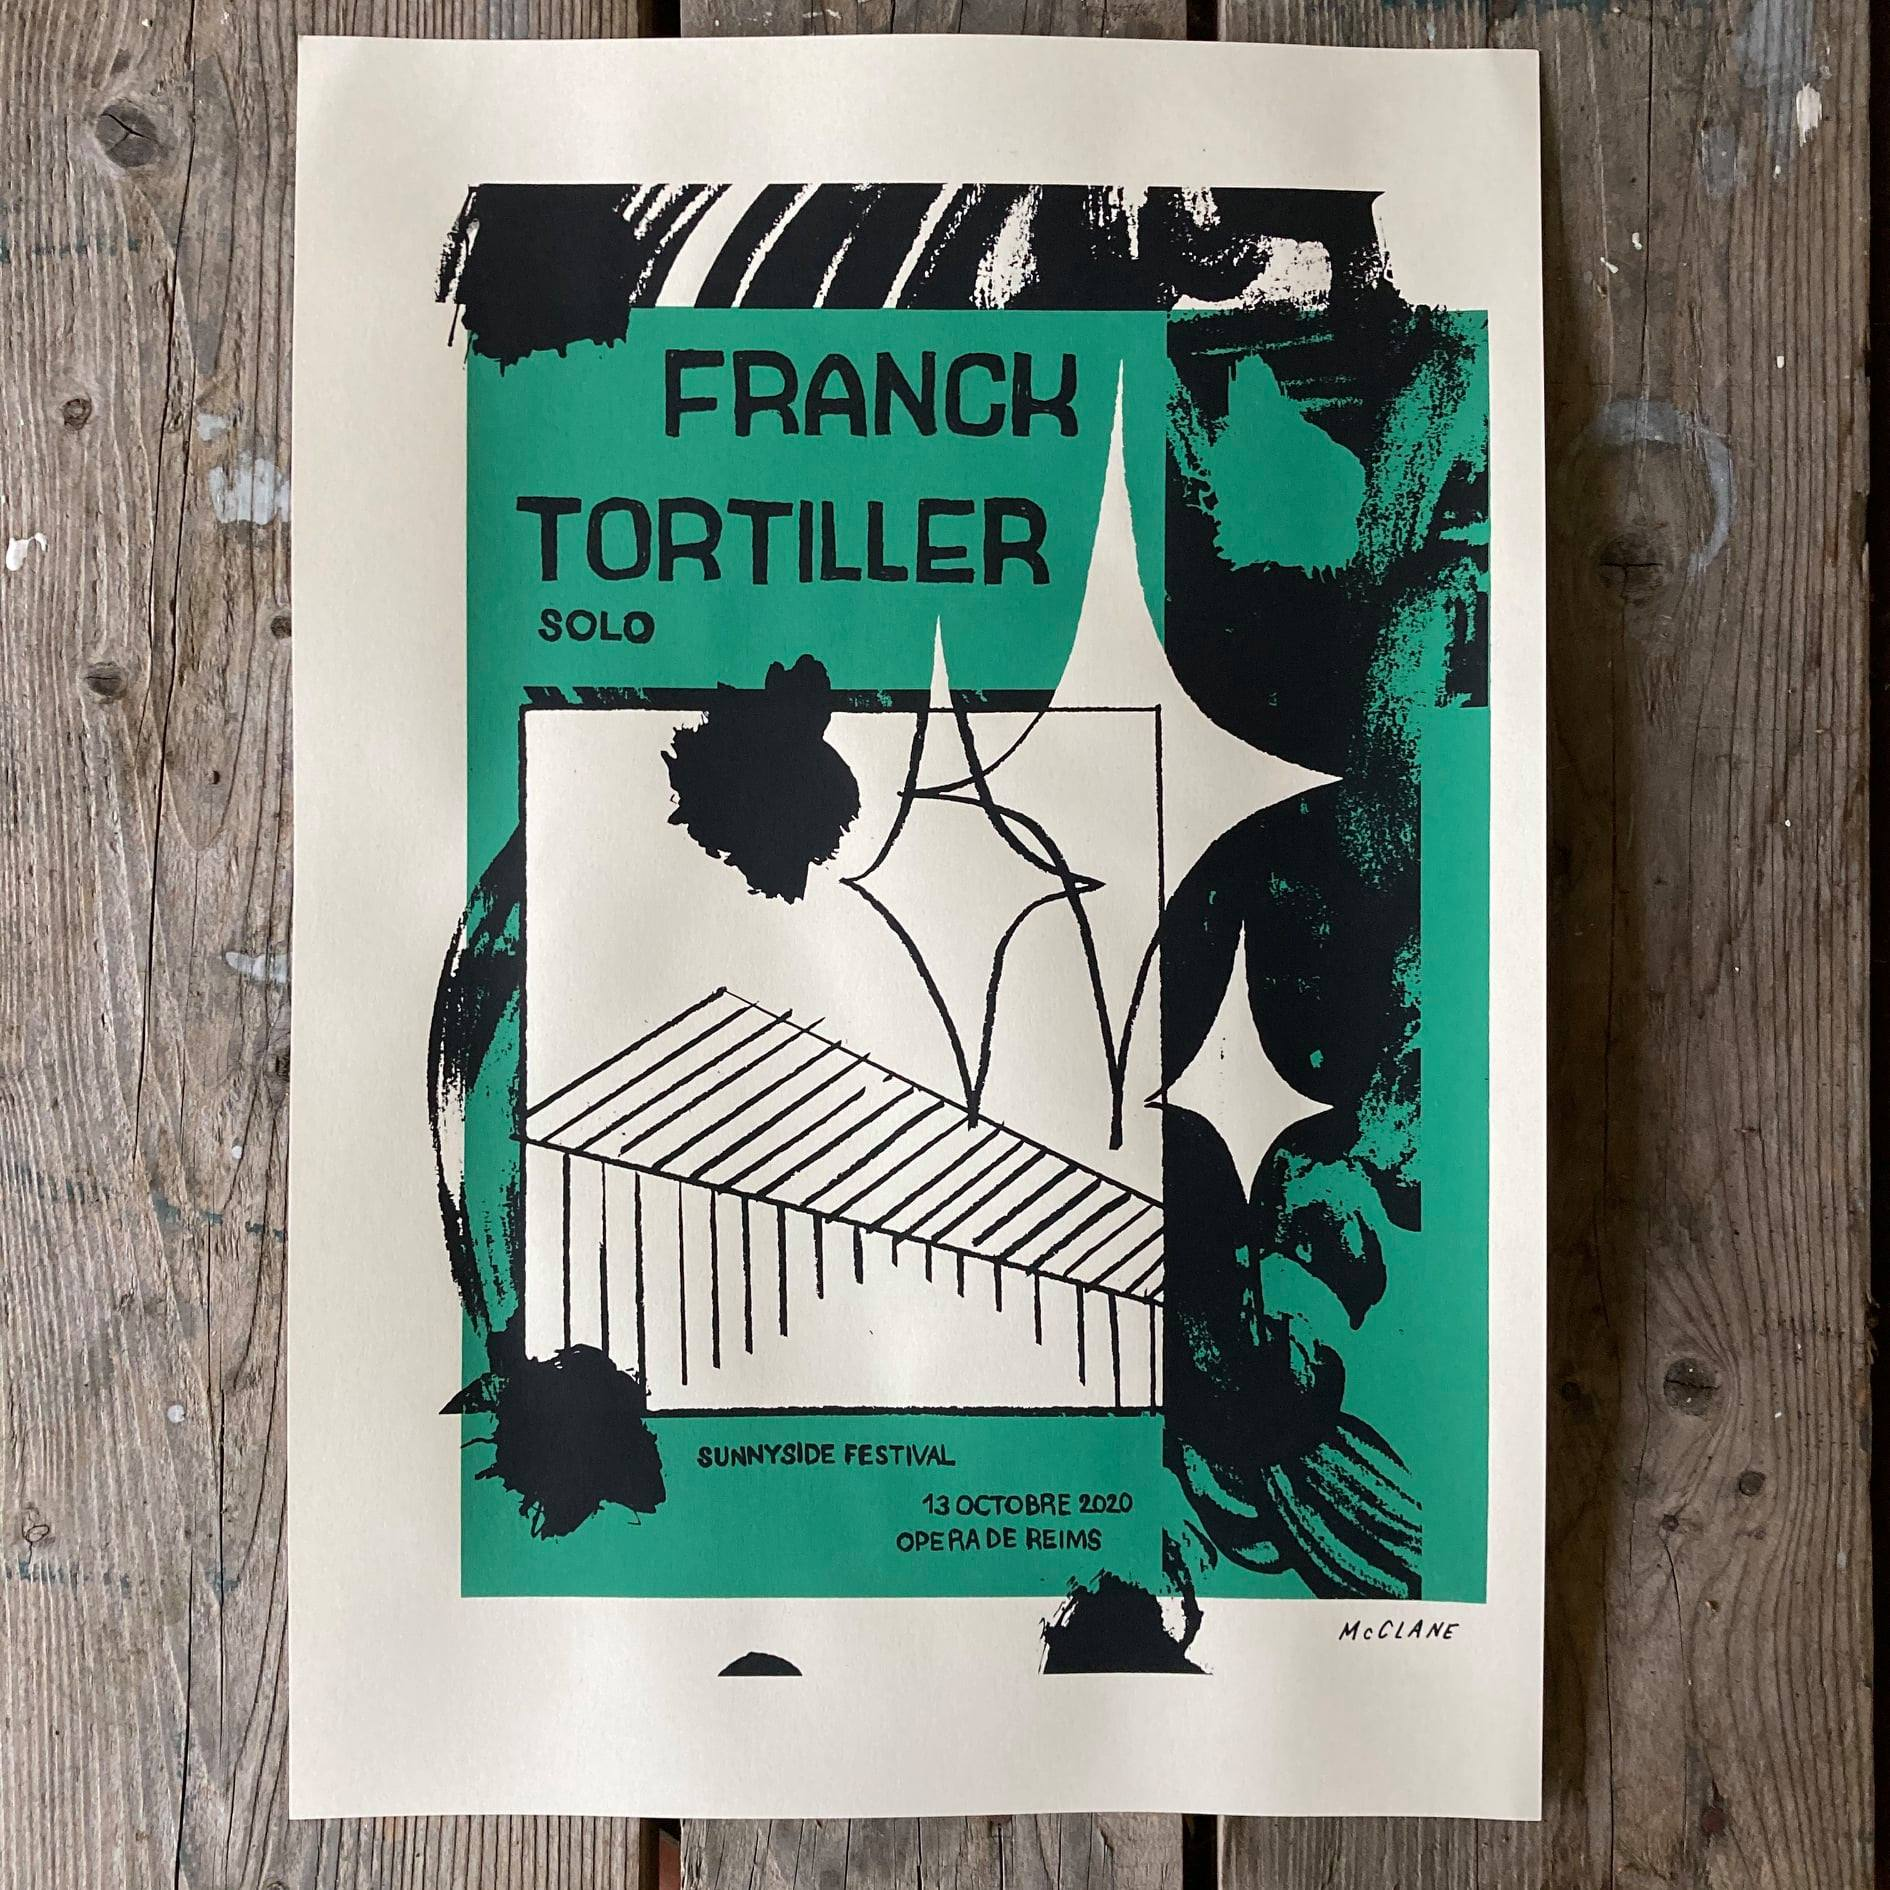 Affiche du duo Atelier Mcclane pour le solo de Franck Tortiller